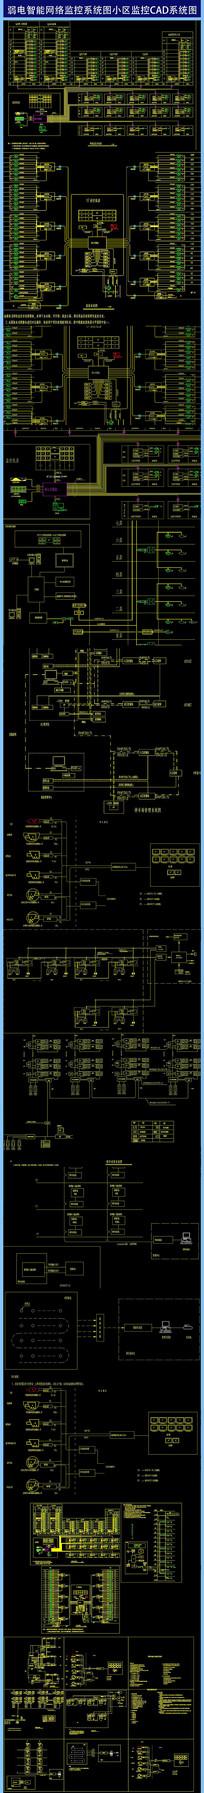 弱电智能网络监控小区监控CAD系统图